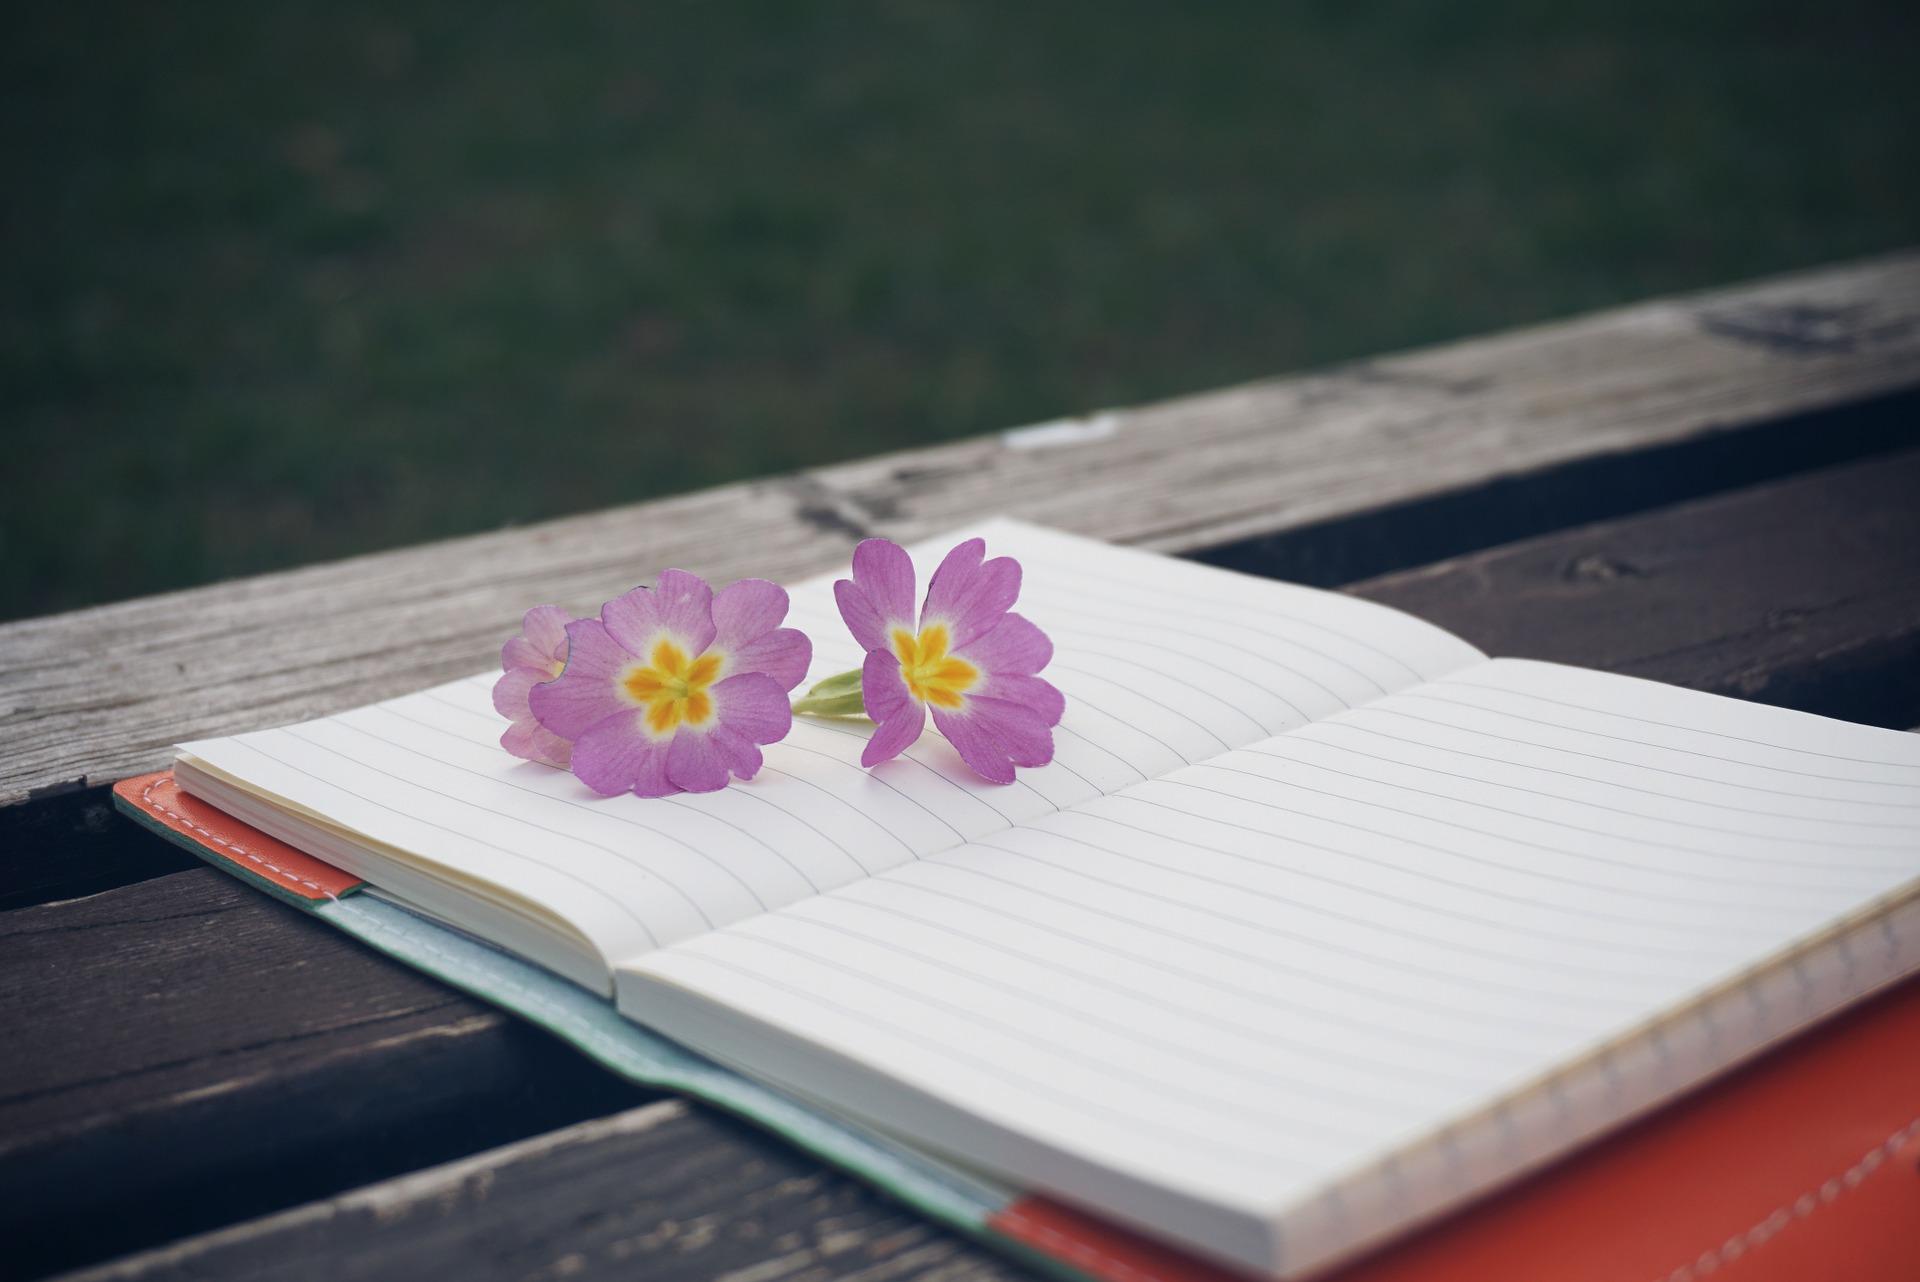 天啟的課程中,透過記錄靈性筆記提升自我覺察能力!